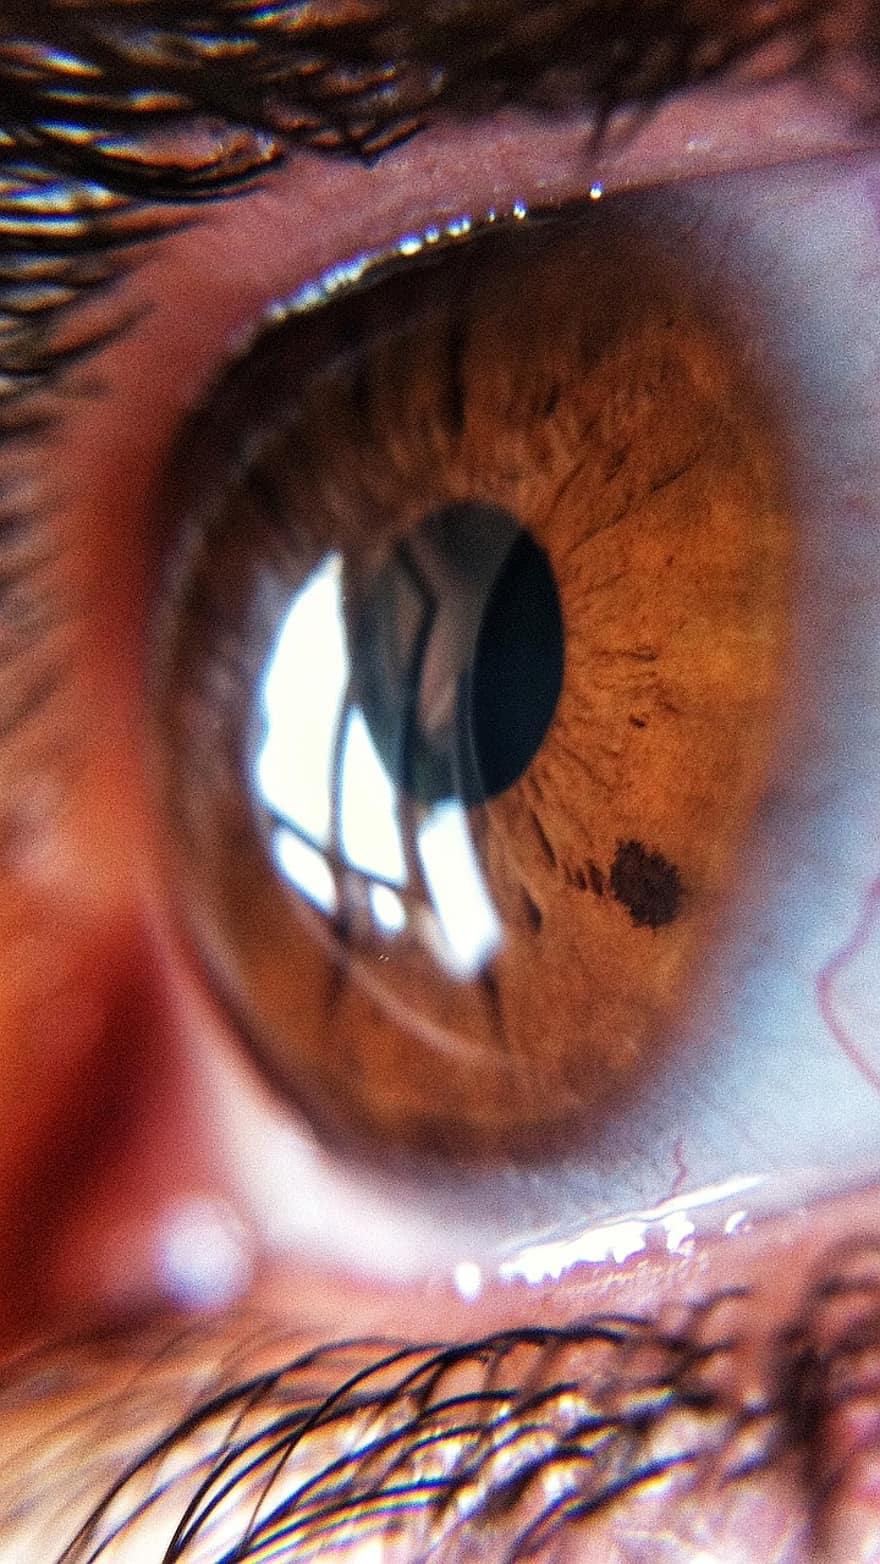 sofradex îmbunătățește vederea cineva a redat vederea